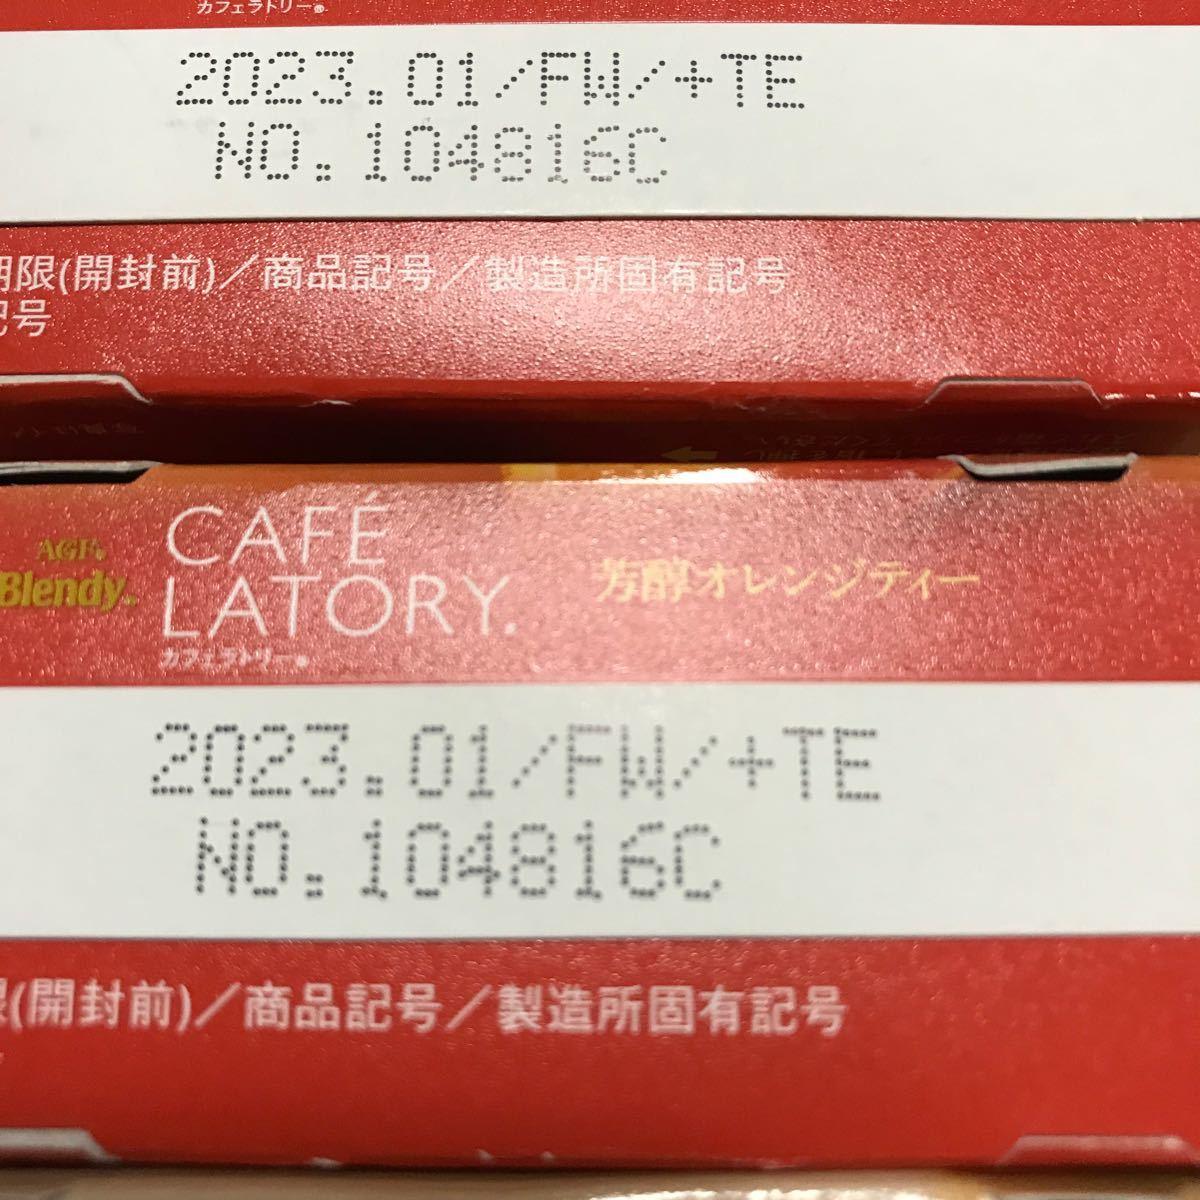 ブレンディ カフェラトリー スティック 芳醇ピーチティー 、芳醇オレンジティー 5箱